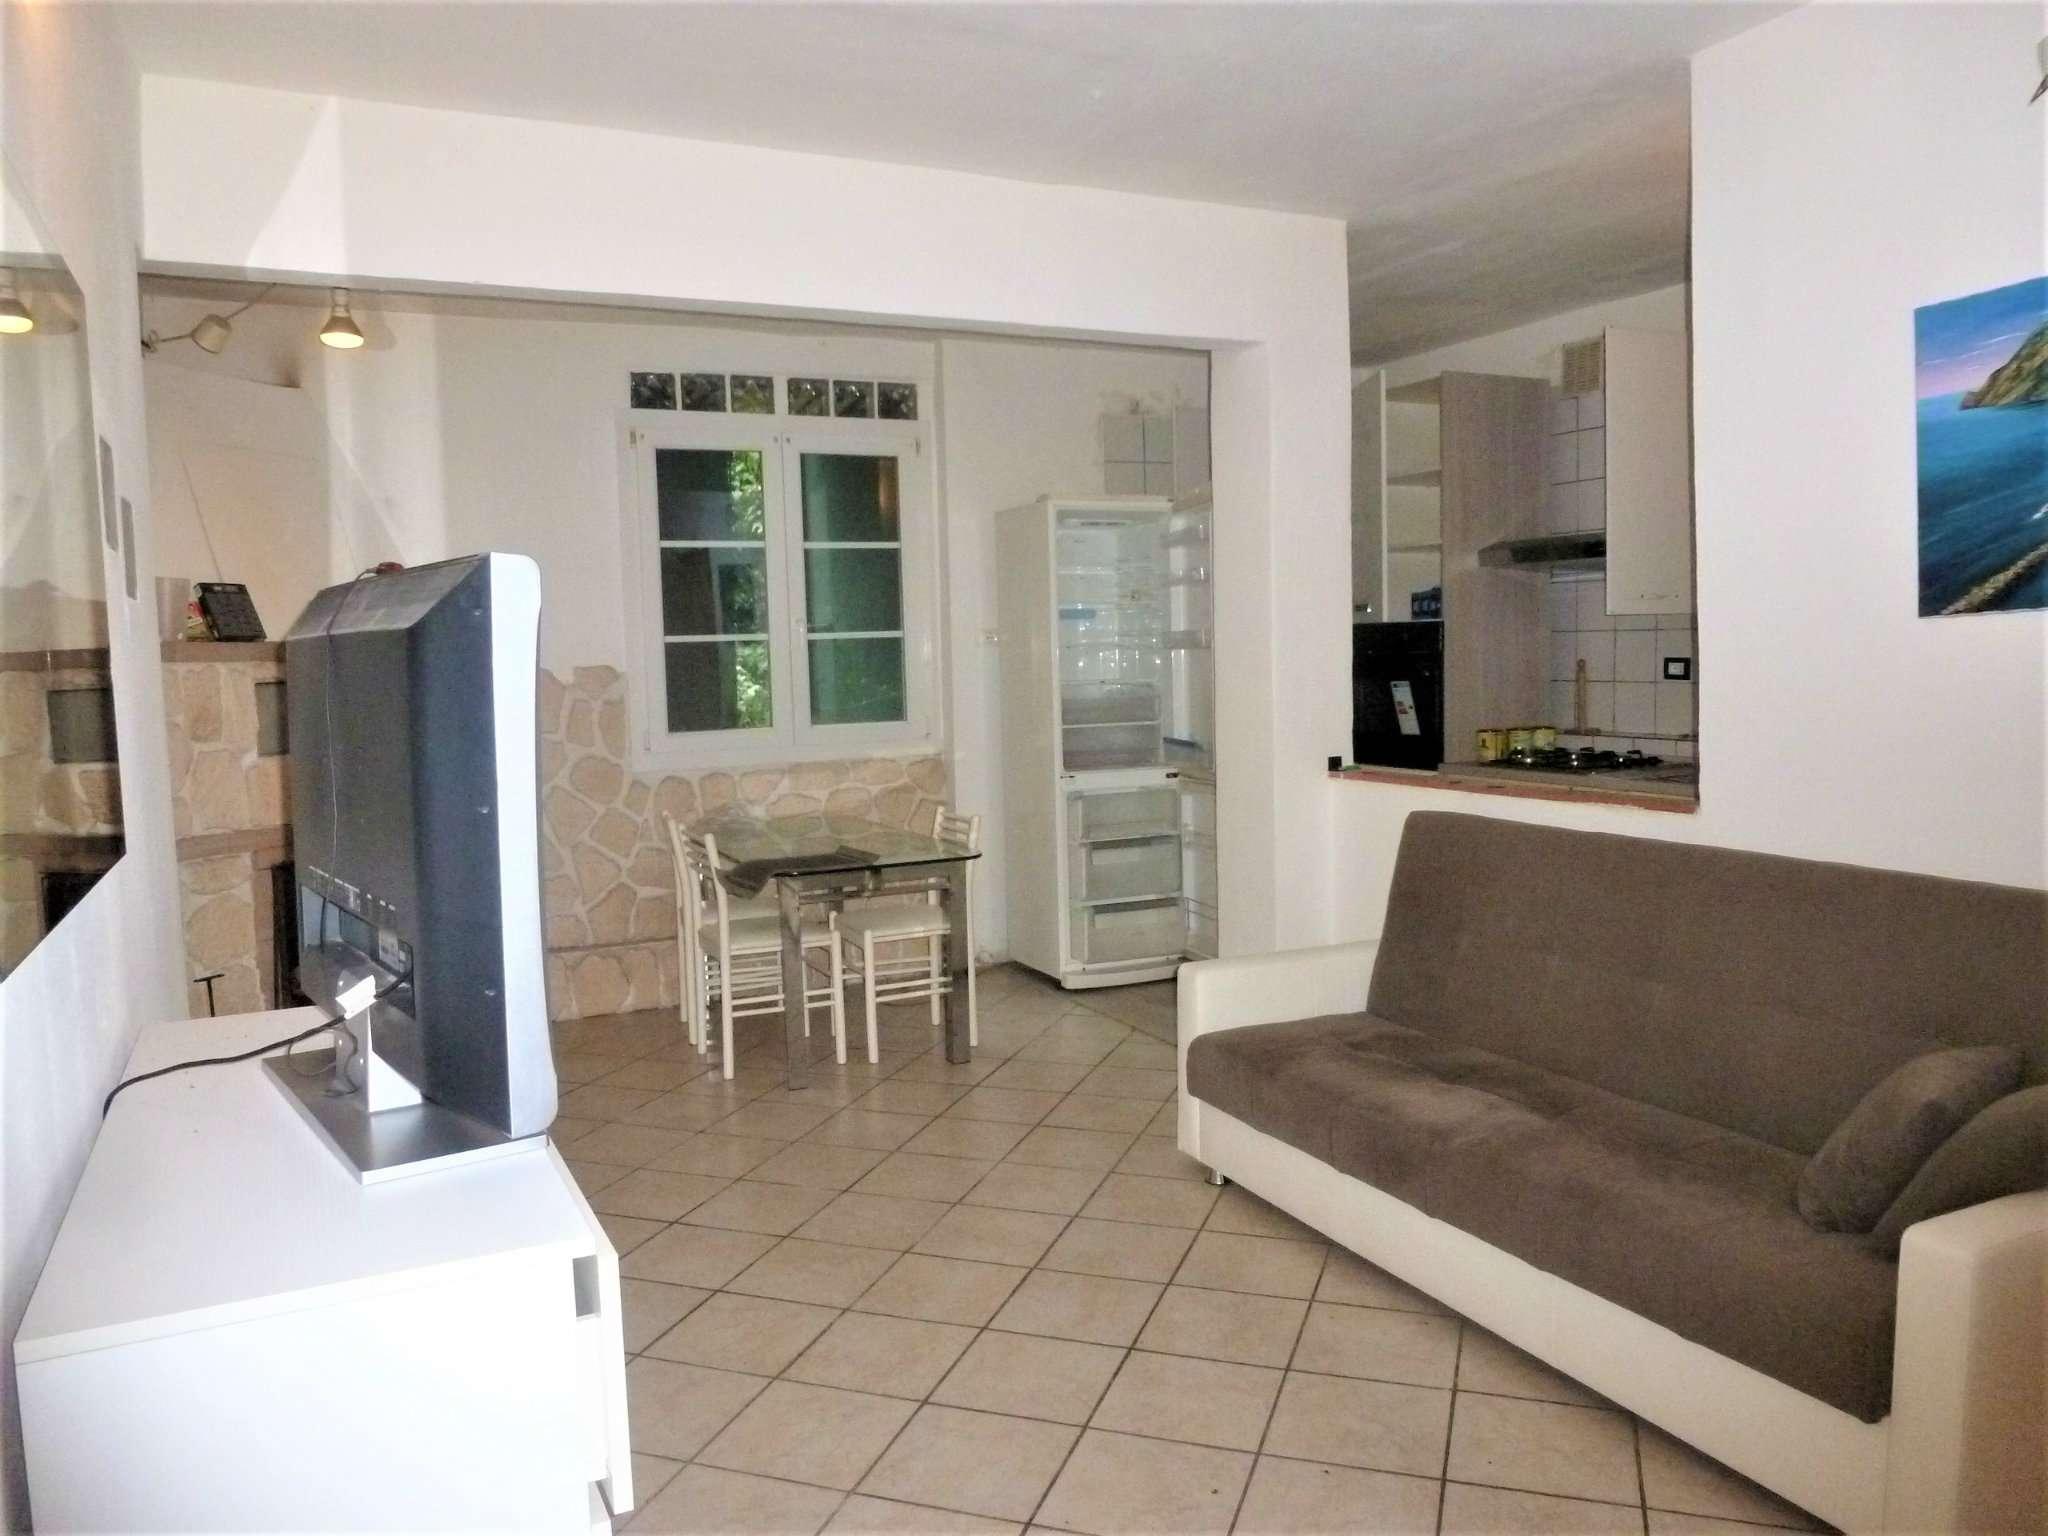 Appartamento in vendita a Ceranesi, 5 locali, prezzo € 45.000 | CambioCasa.it